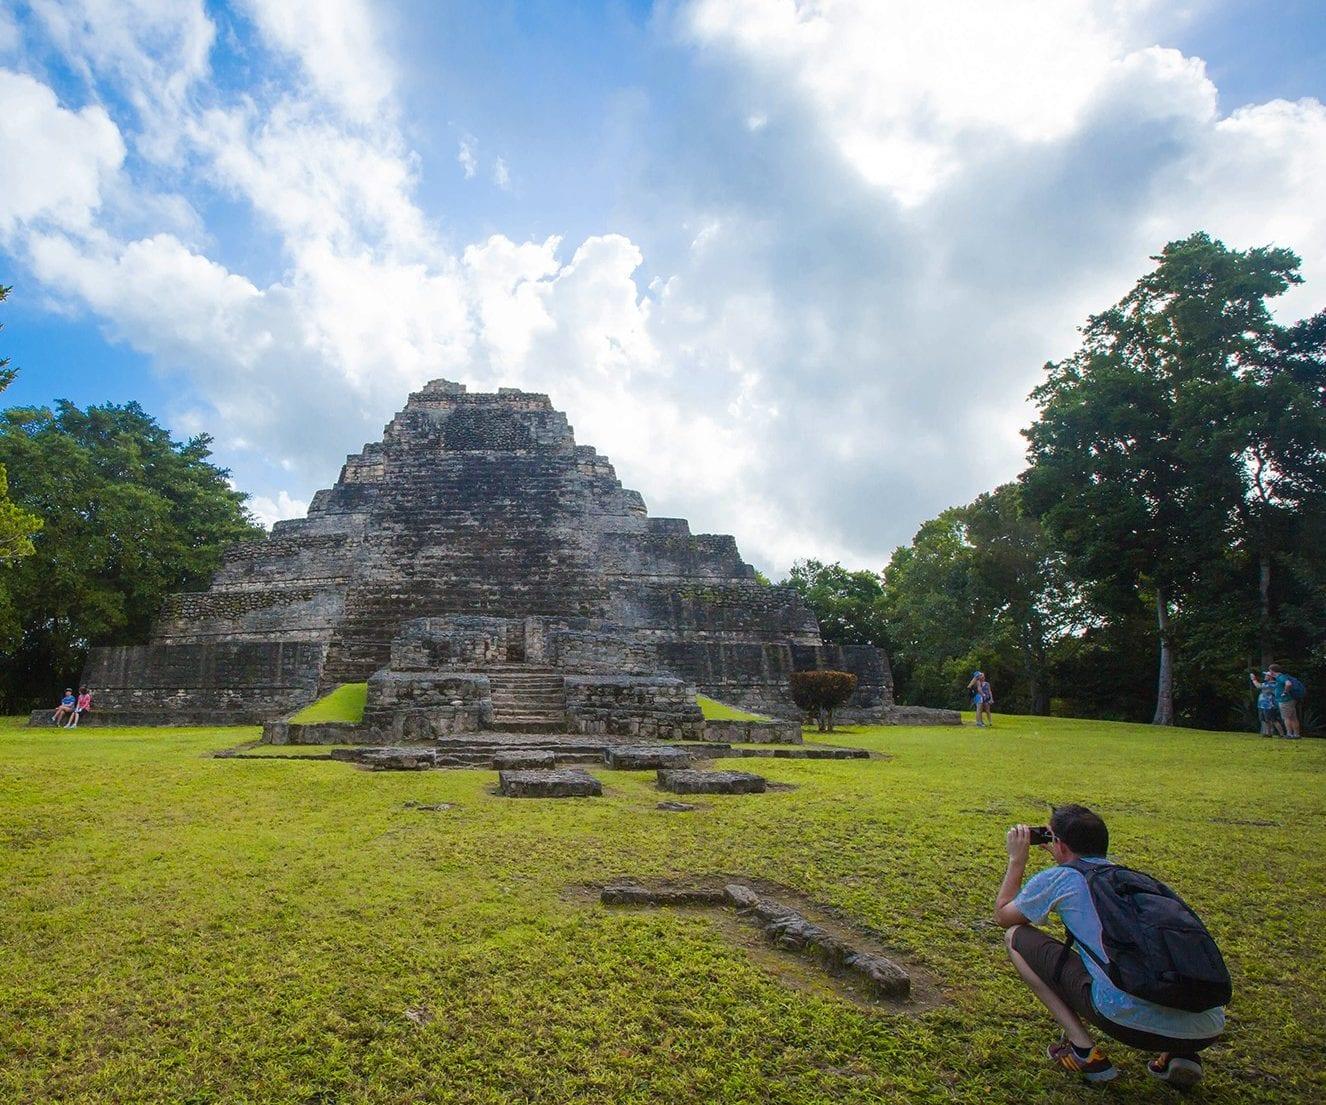 The Mayan Equinox